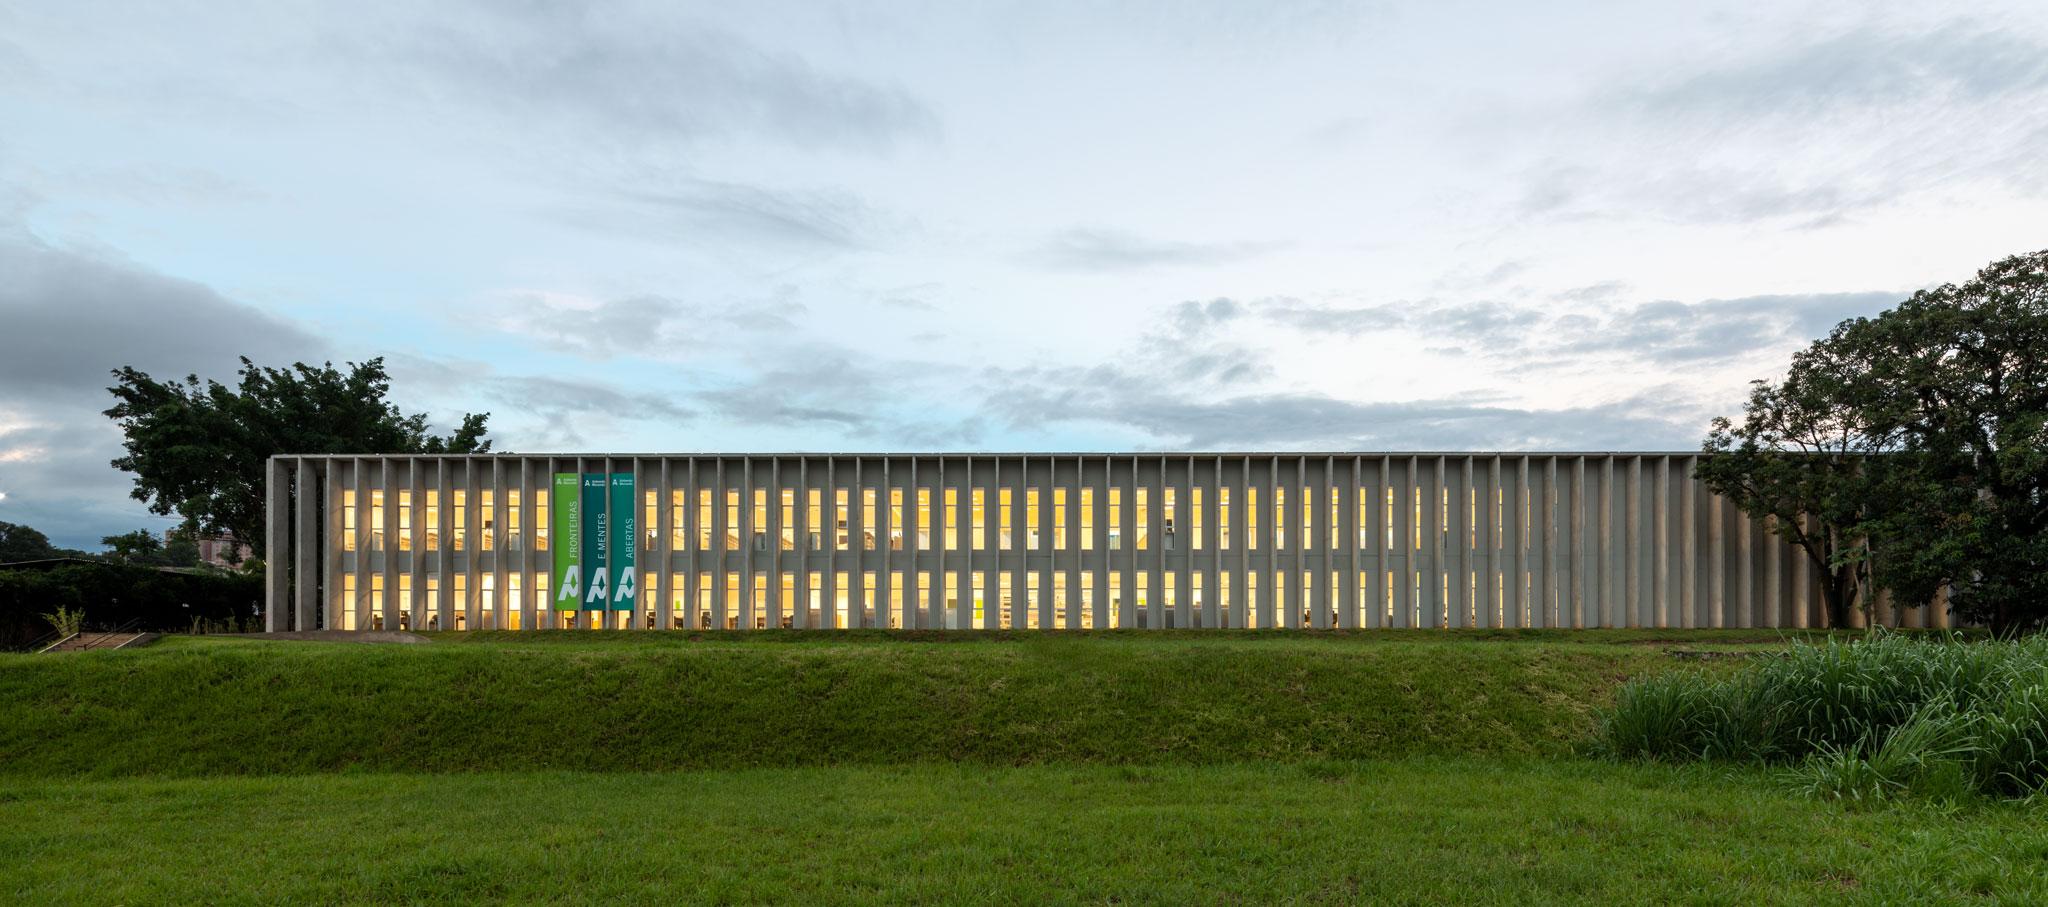 Nuevo edificio en Campus Piracicaba por KAAN Achitecten. Fotografía por ©Fran Parente